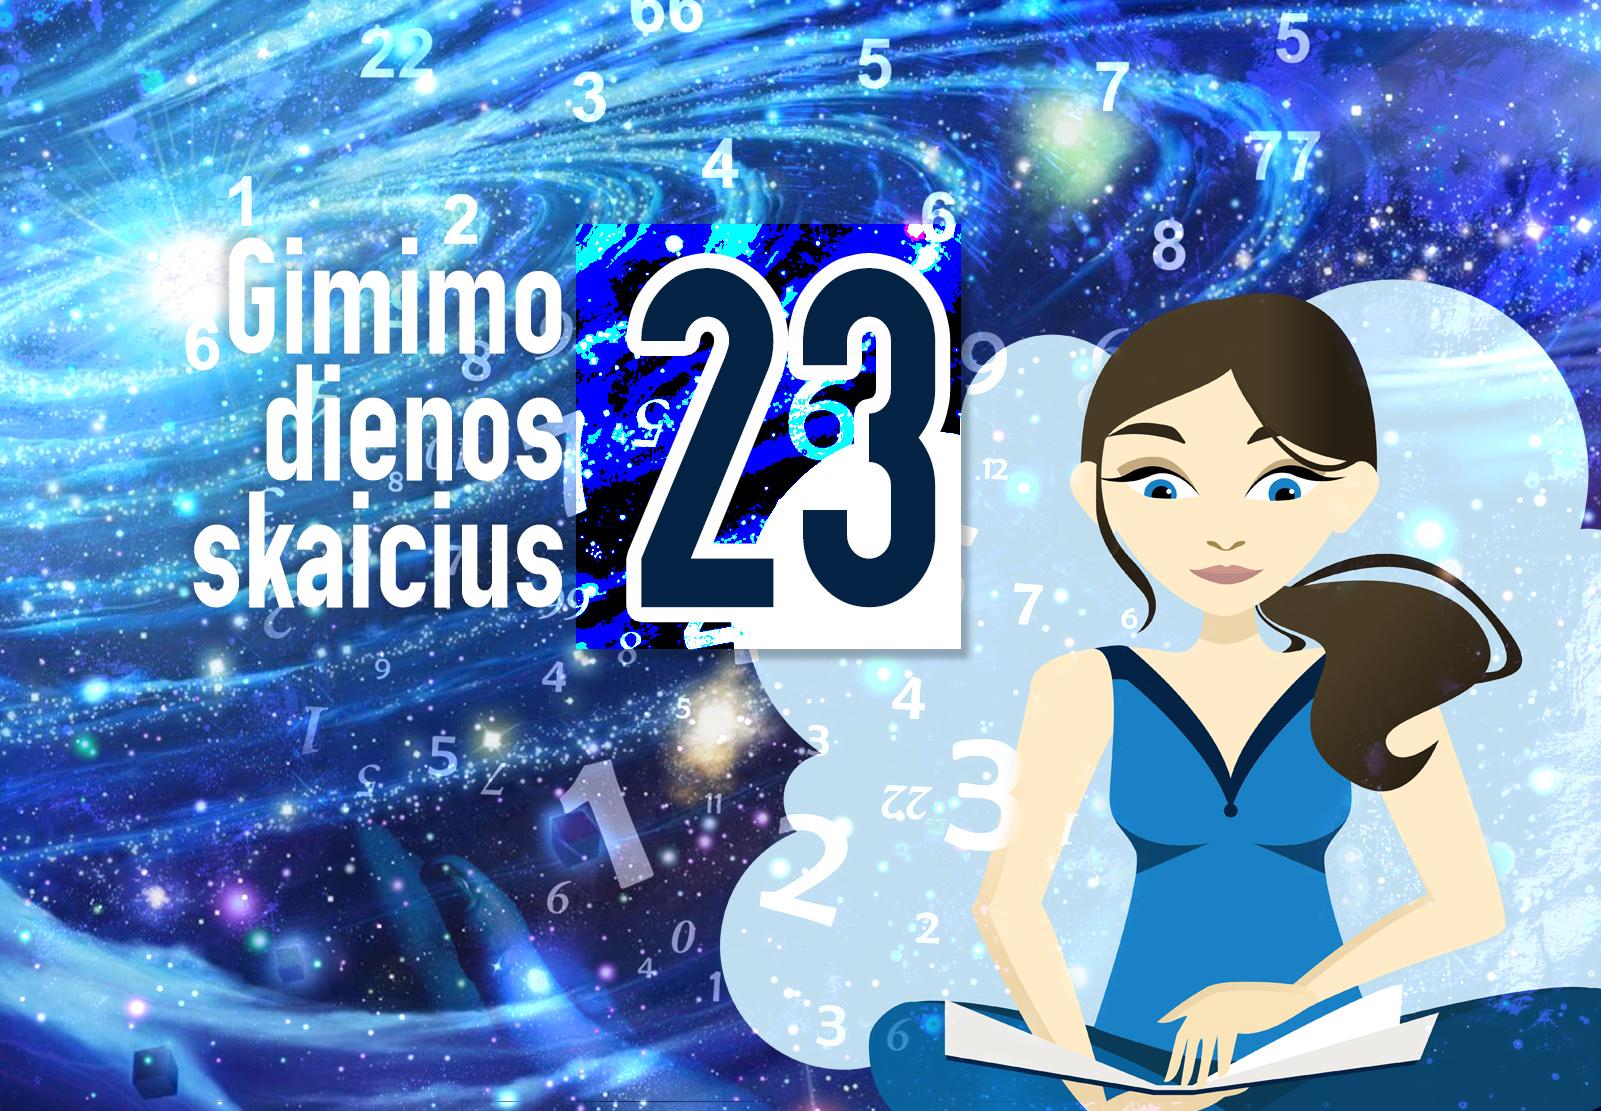 gimimo dienos skaičius 23